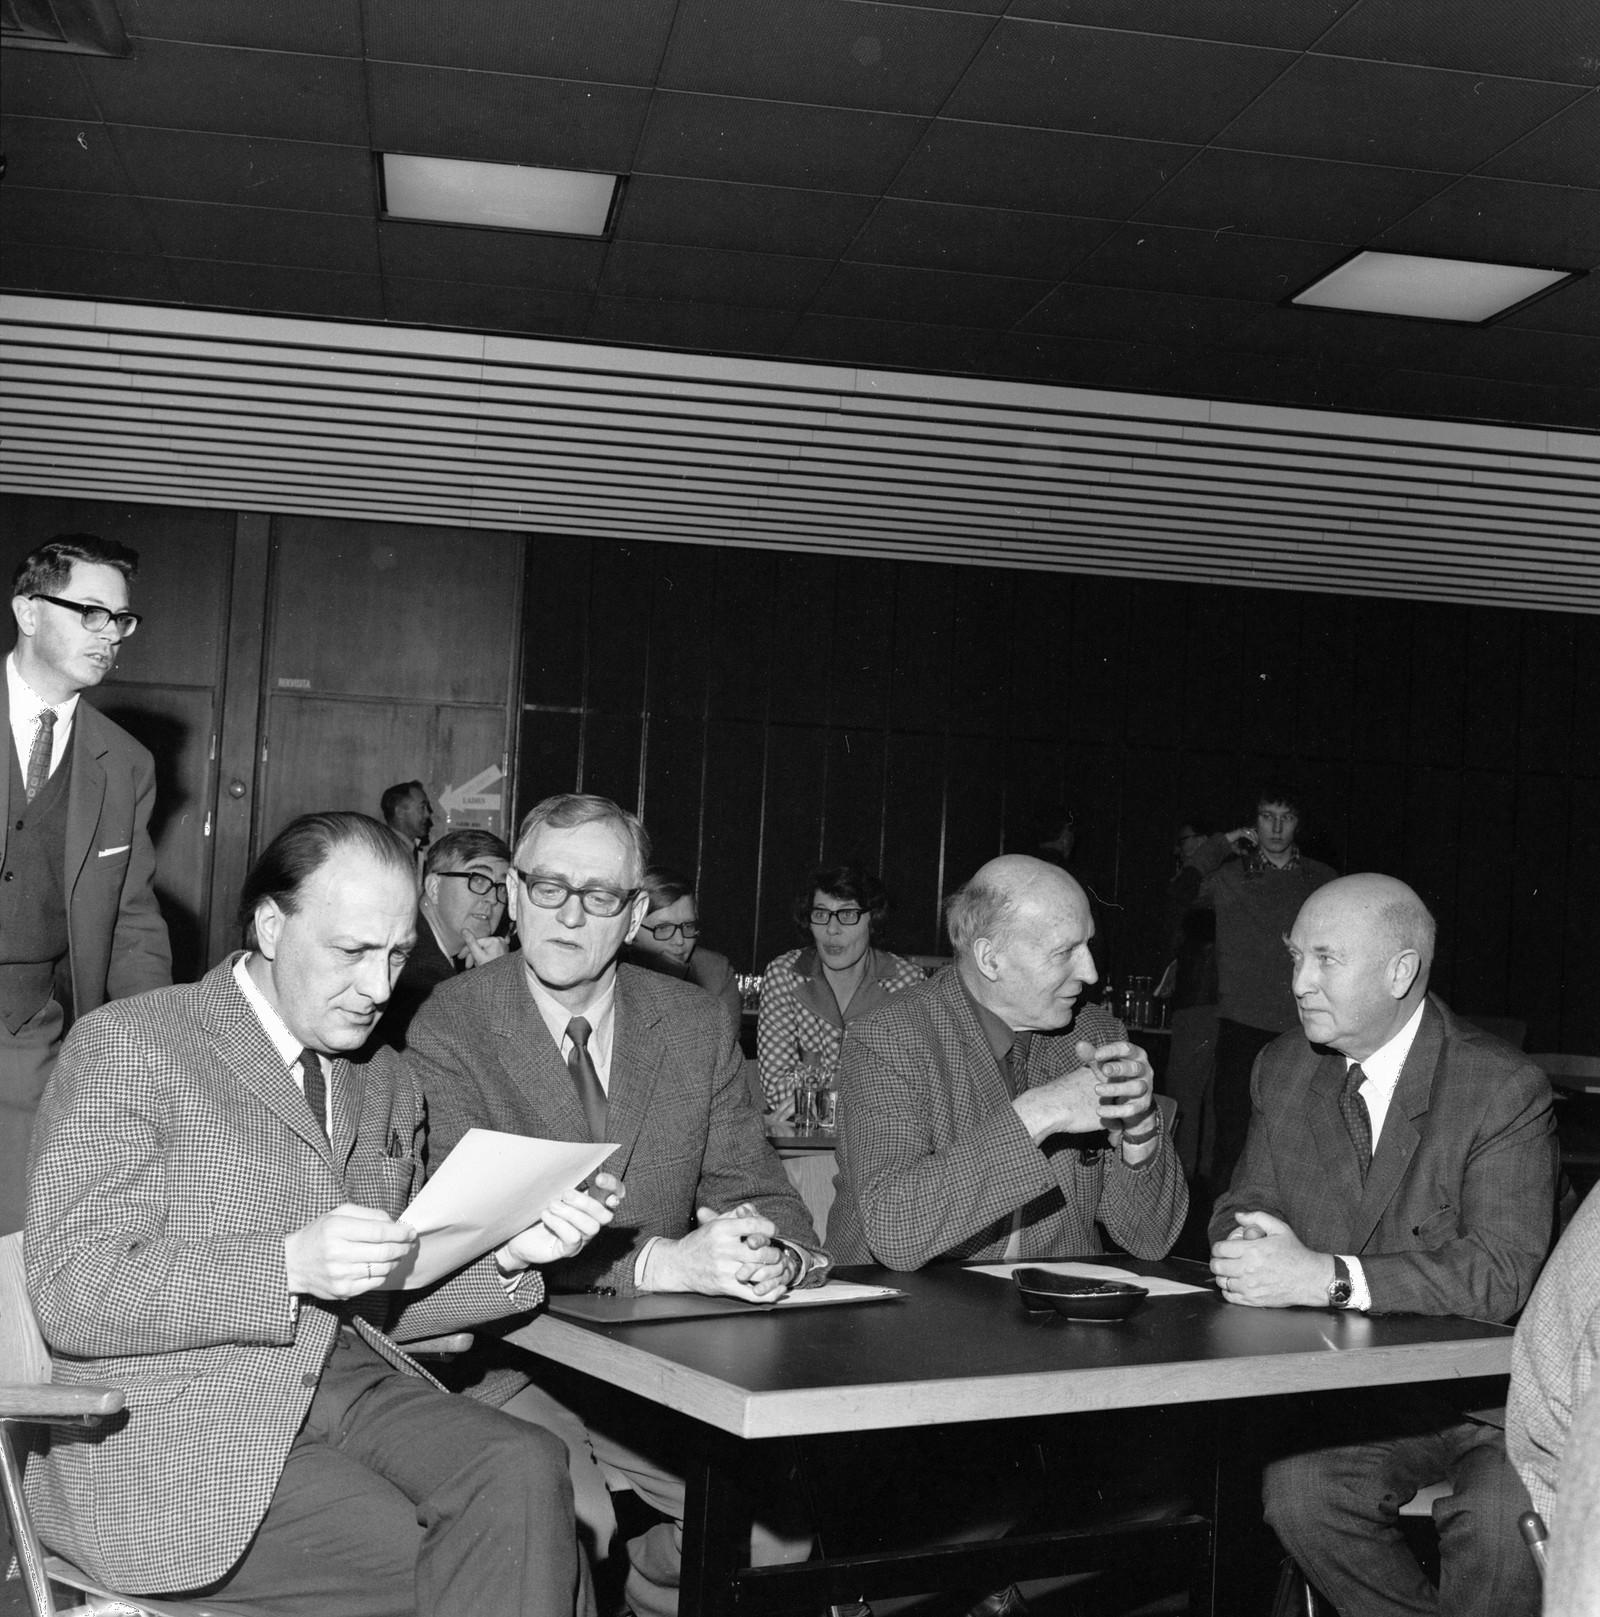 Kringkastingsrådets medlemmer diskuterer, ca 1970, programredaktør Otto Nes t v.